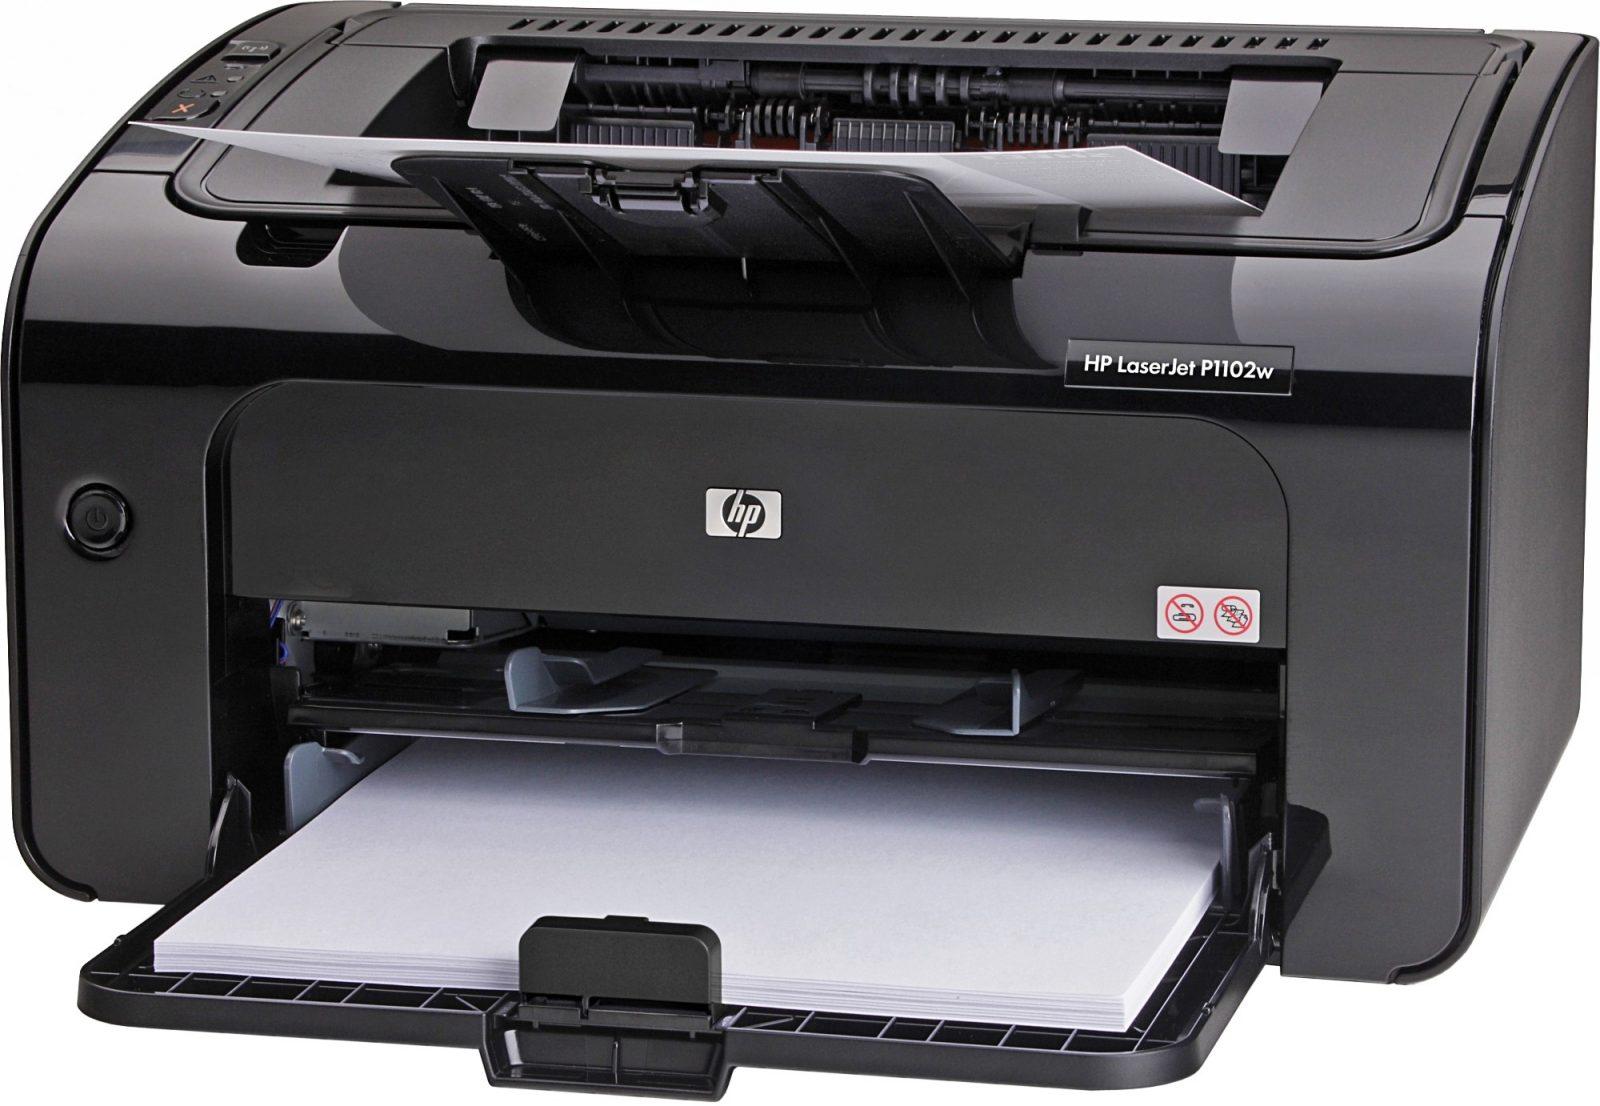 Лазерный принтер hp чёрного цвета